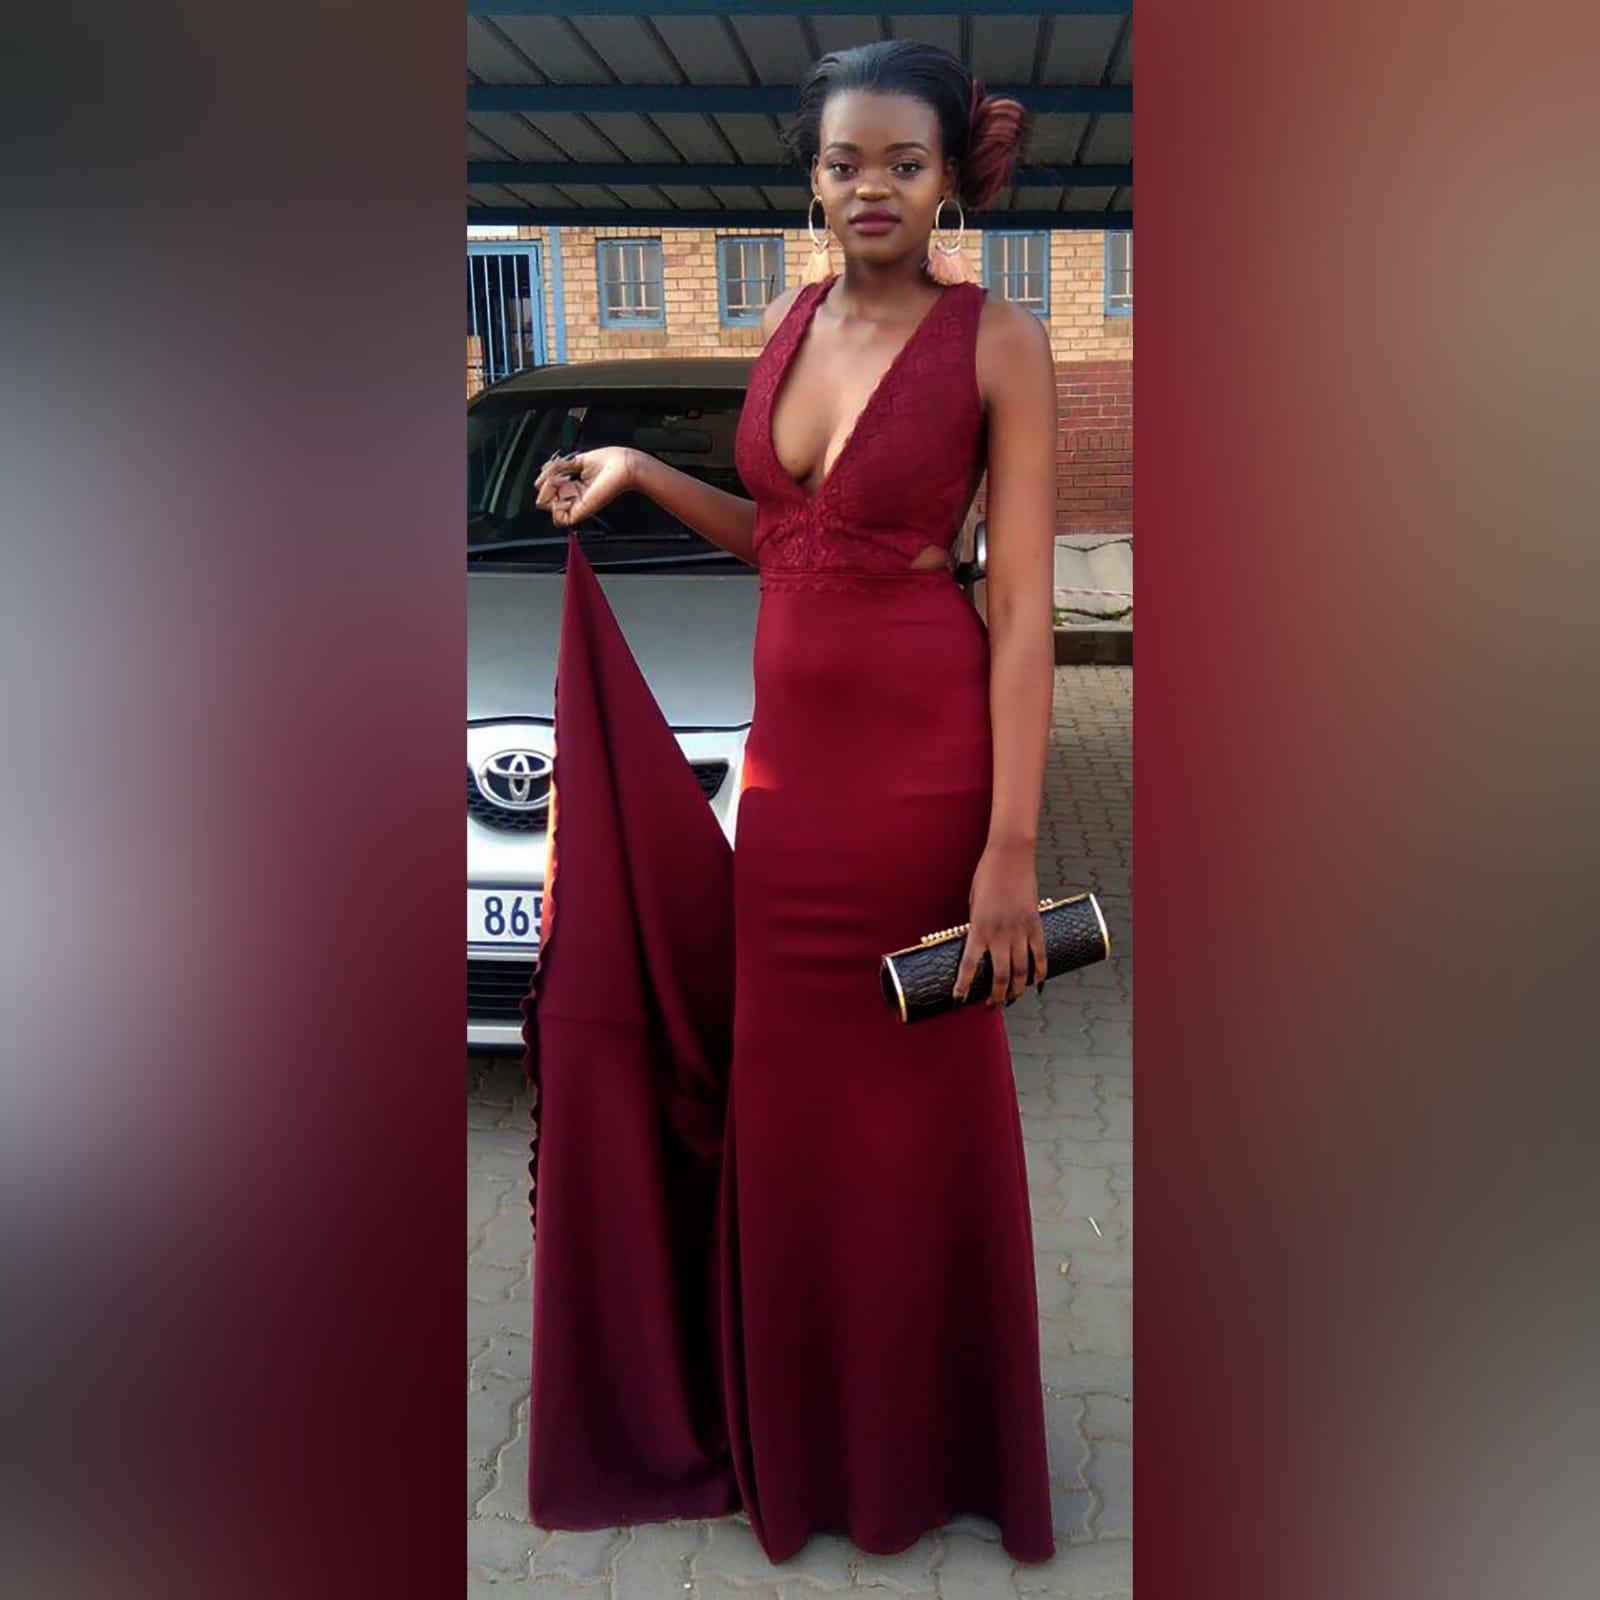 Vestido de finalistas sereia suave cor vinho 1 vestido de finalistas sereia suave cor vinho, com corpete de renda, decote profundo, com uma cauda e uma abertura nas costas detalhada com tiras de renda.